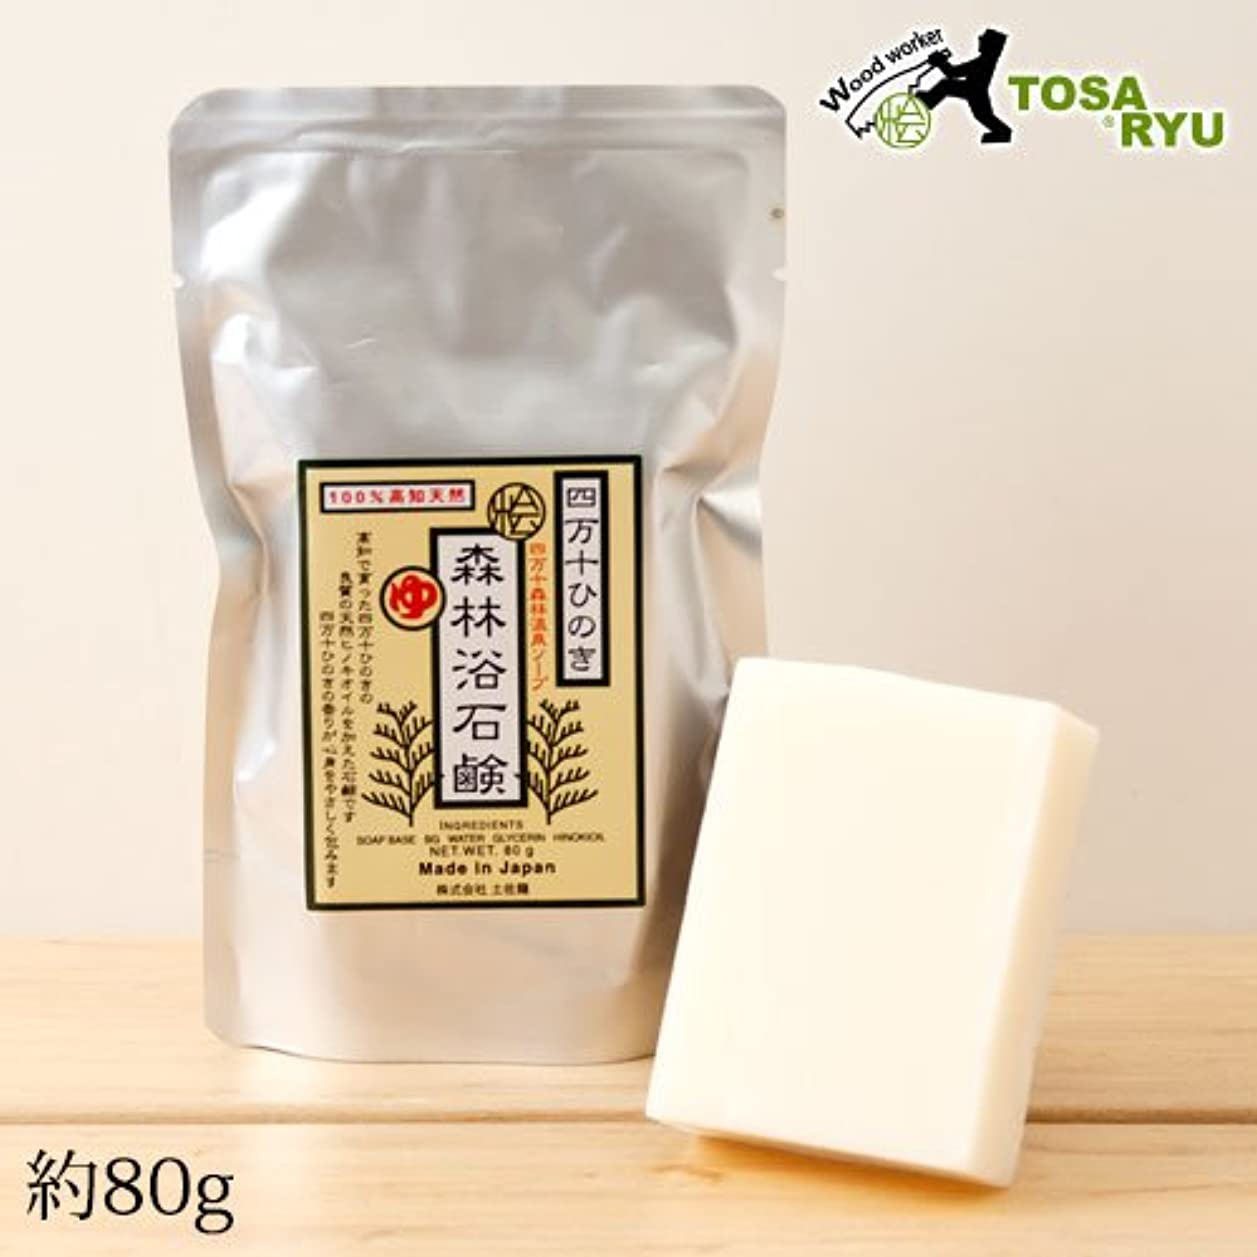 傷つけるチャップ混乱させる土佐龍四万十森林温泉石鹸ひのきの香りのアロマソープ高知県の工芸品Aroma soap scent of cypress, Kochi craft